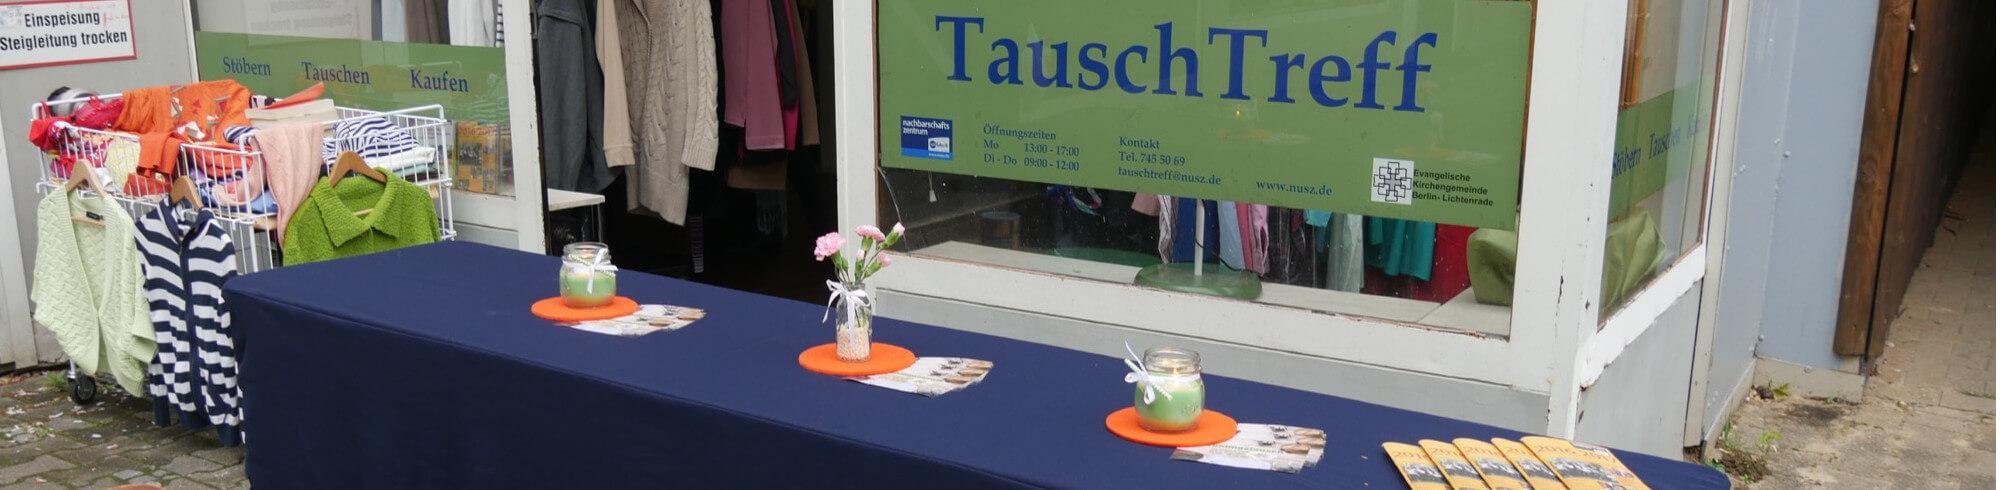 Vor dem Laden steht ein Tisch mit blauer Tischdecke. Im Hintergrund ein kleiner Laden mit großen Fenster.